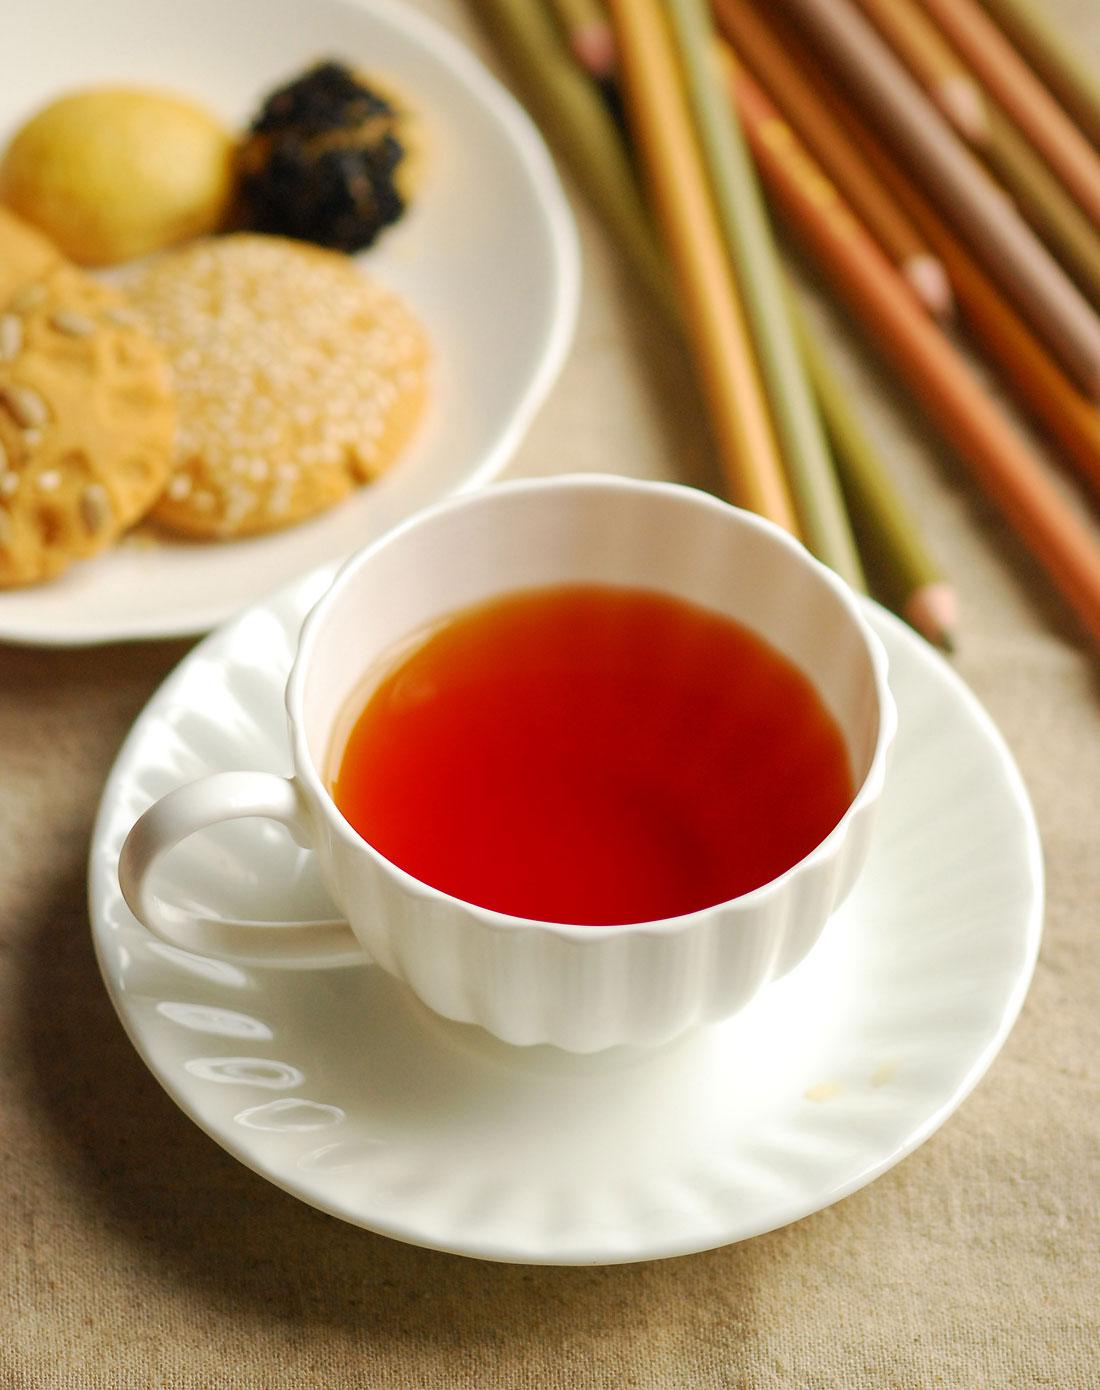 你会把红茶说成red tea吗?茶的英文怎么说?